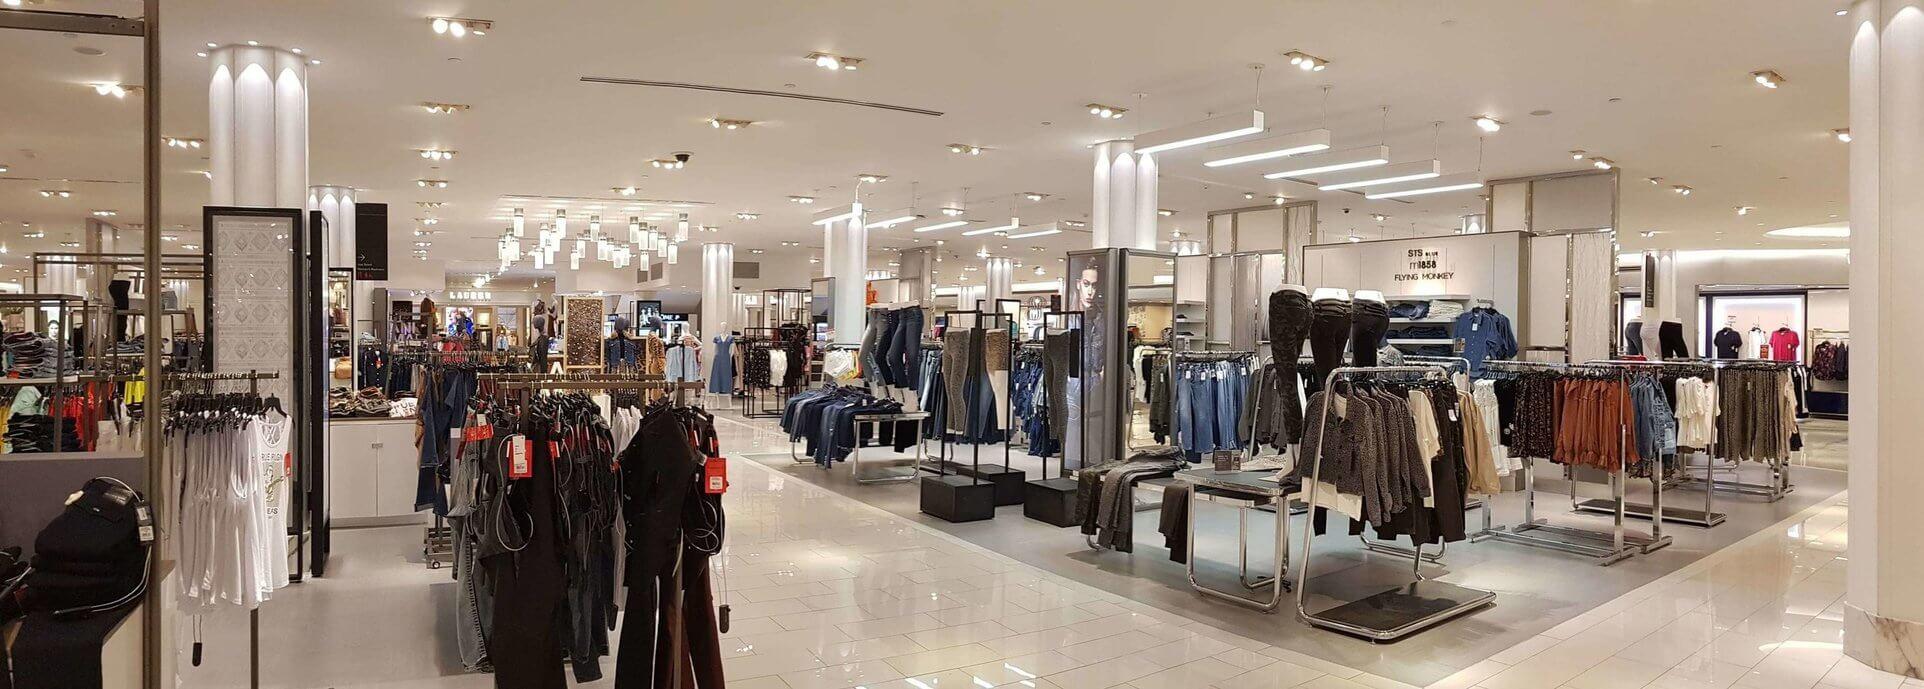 Archlux-illuminazione-led-negozio